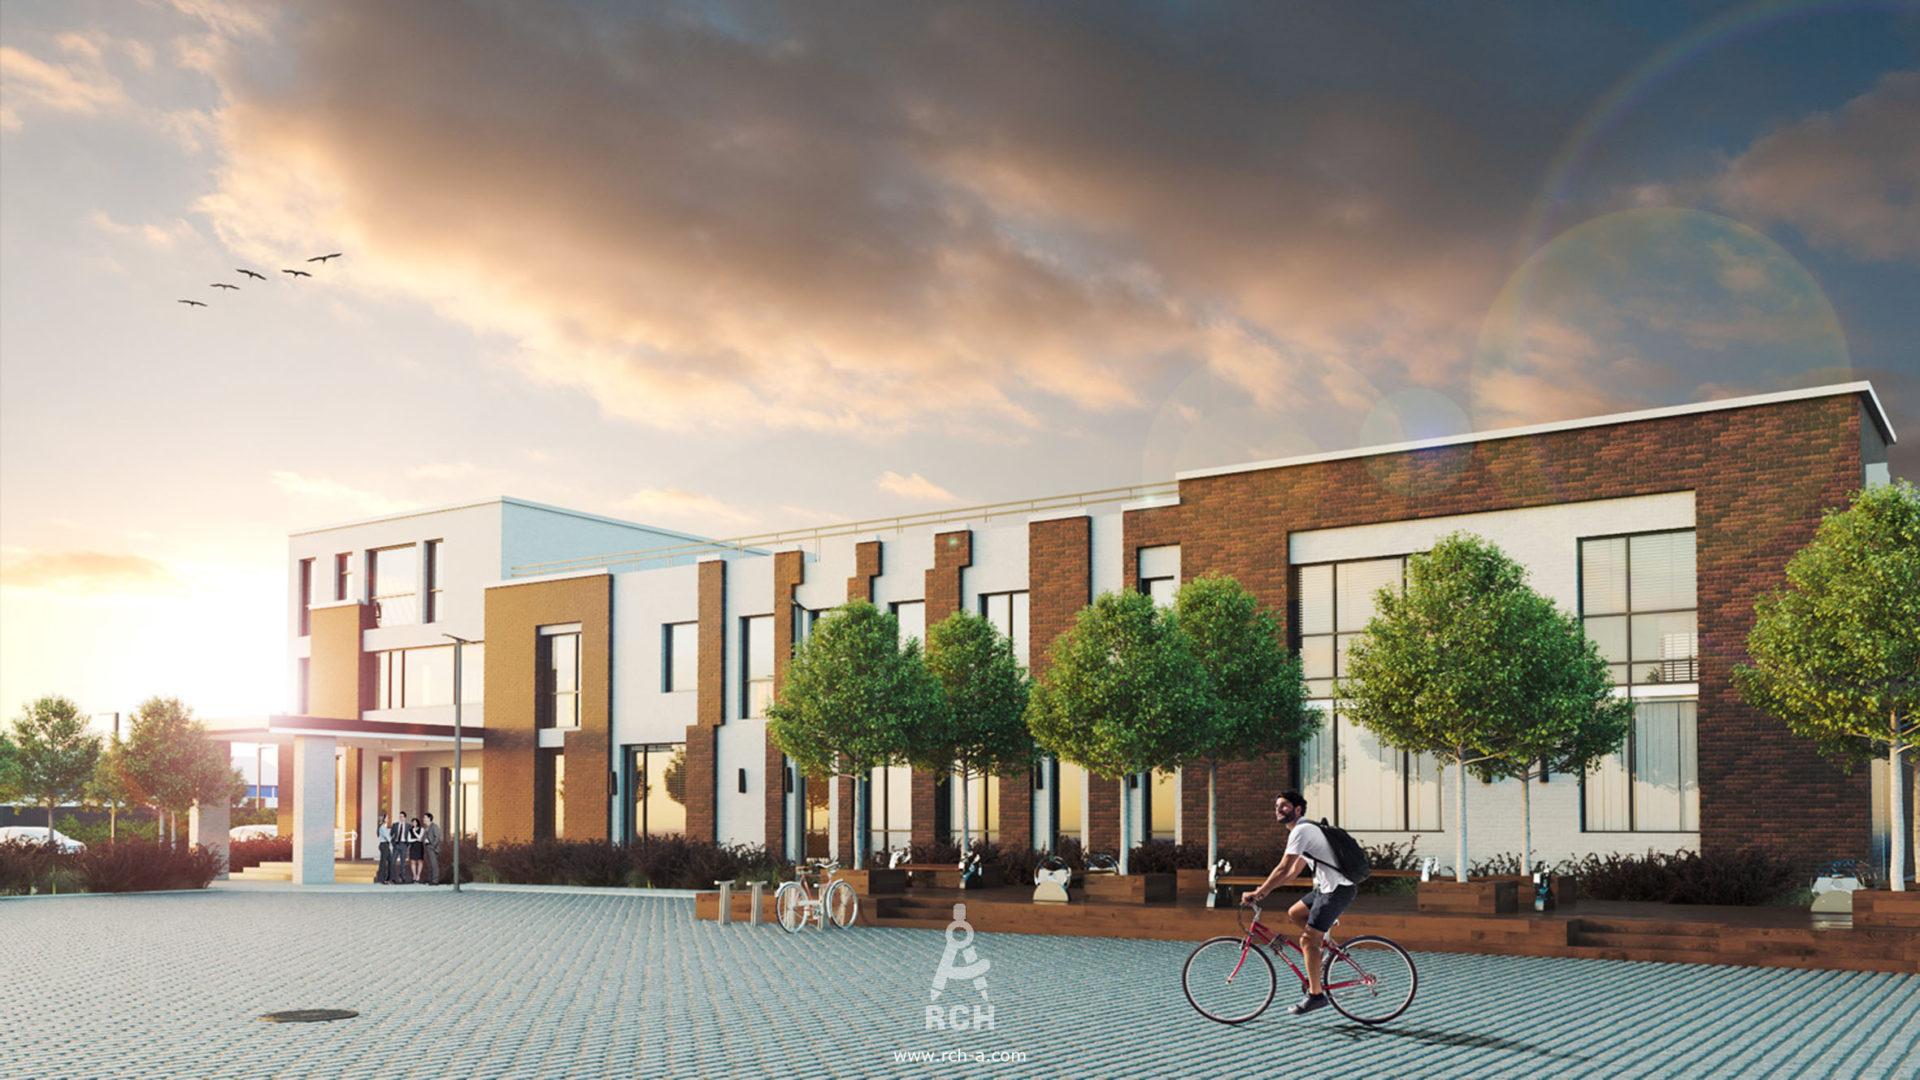 архитектор комплексный проект офисный центр коверкинг в современном стилер